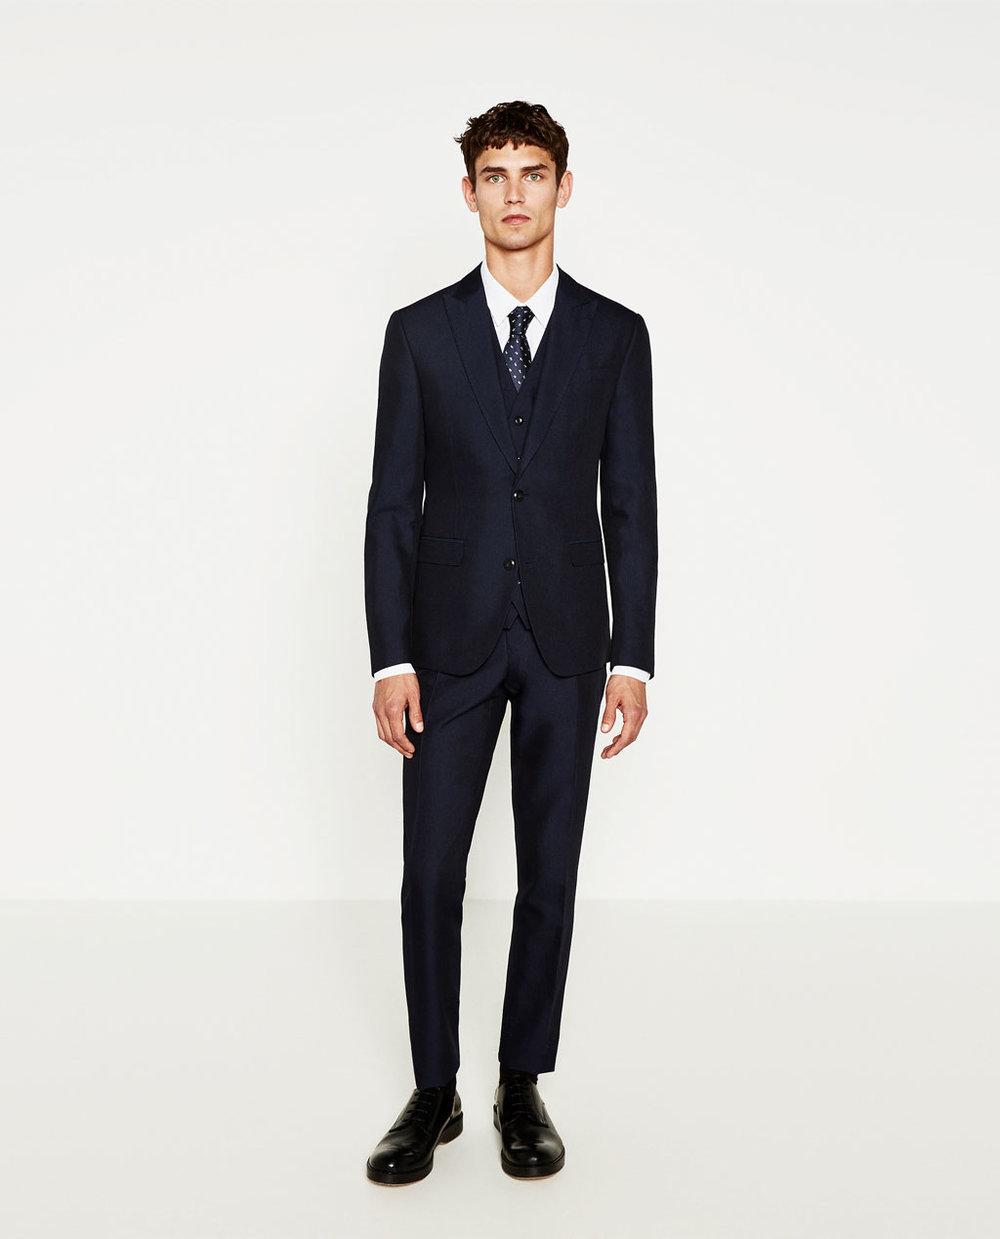 Zara: $400